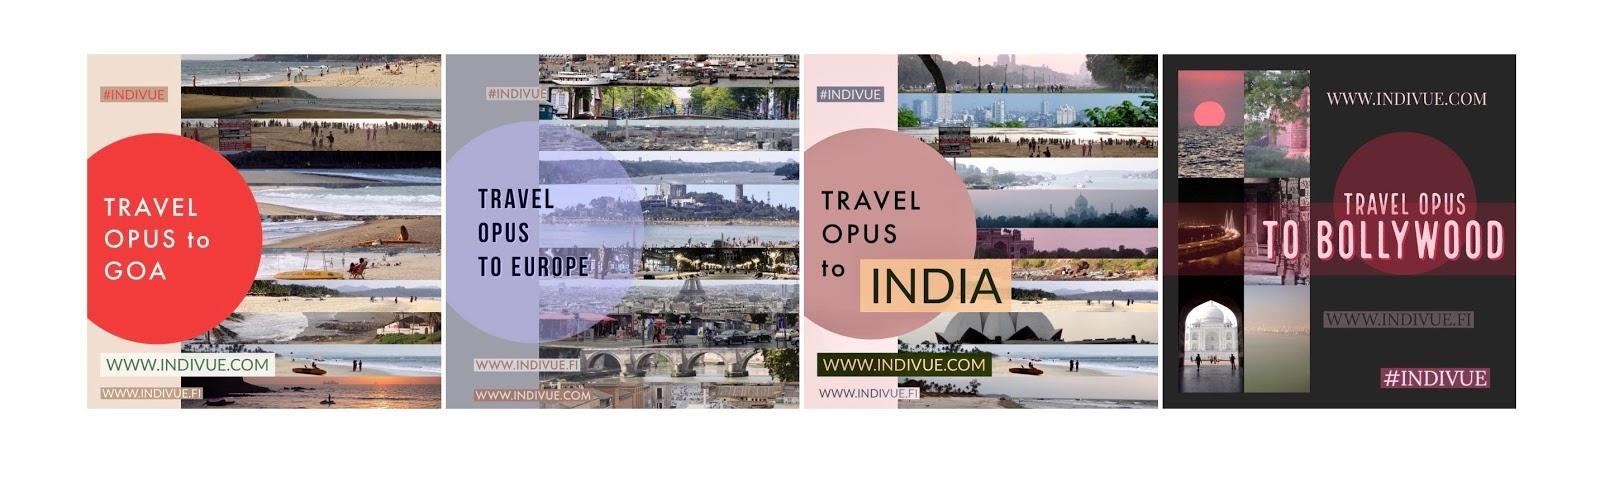 Matkaopus Intiaan ja Eurooppaan, Goaan ja Bollywoodiin, myös englanniksi